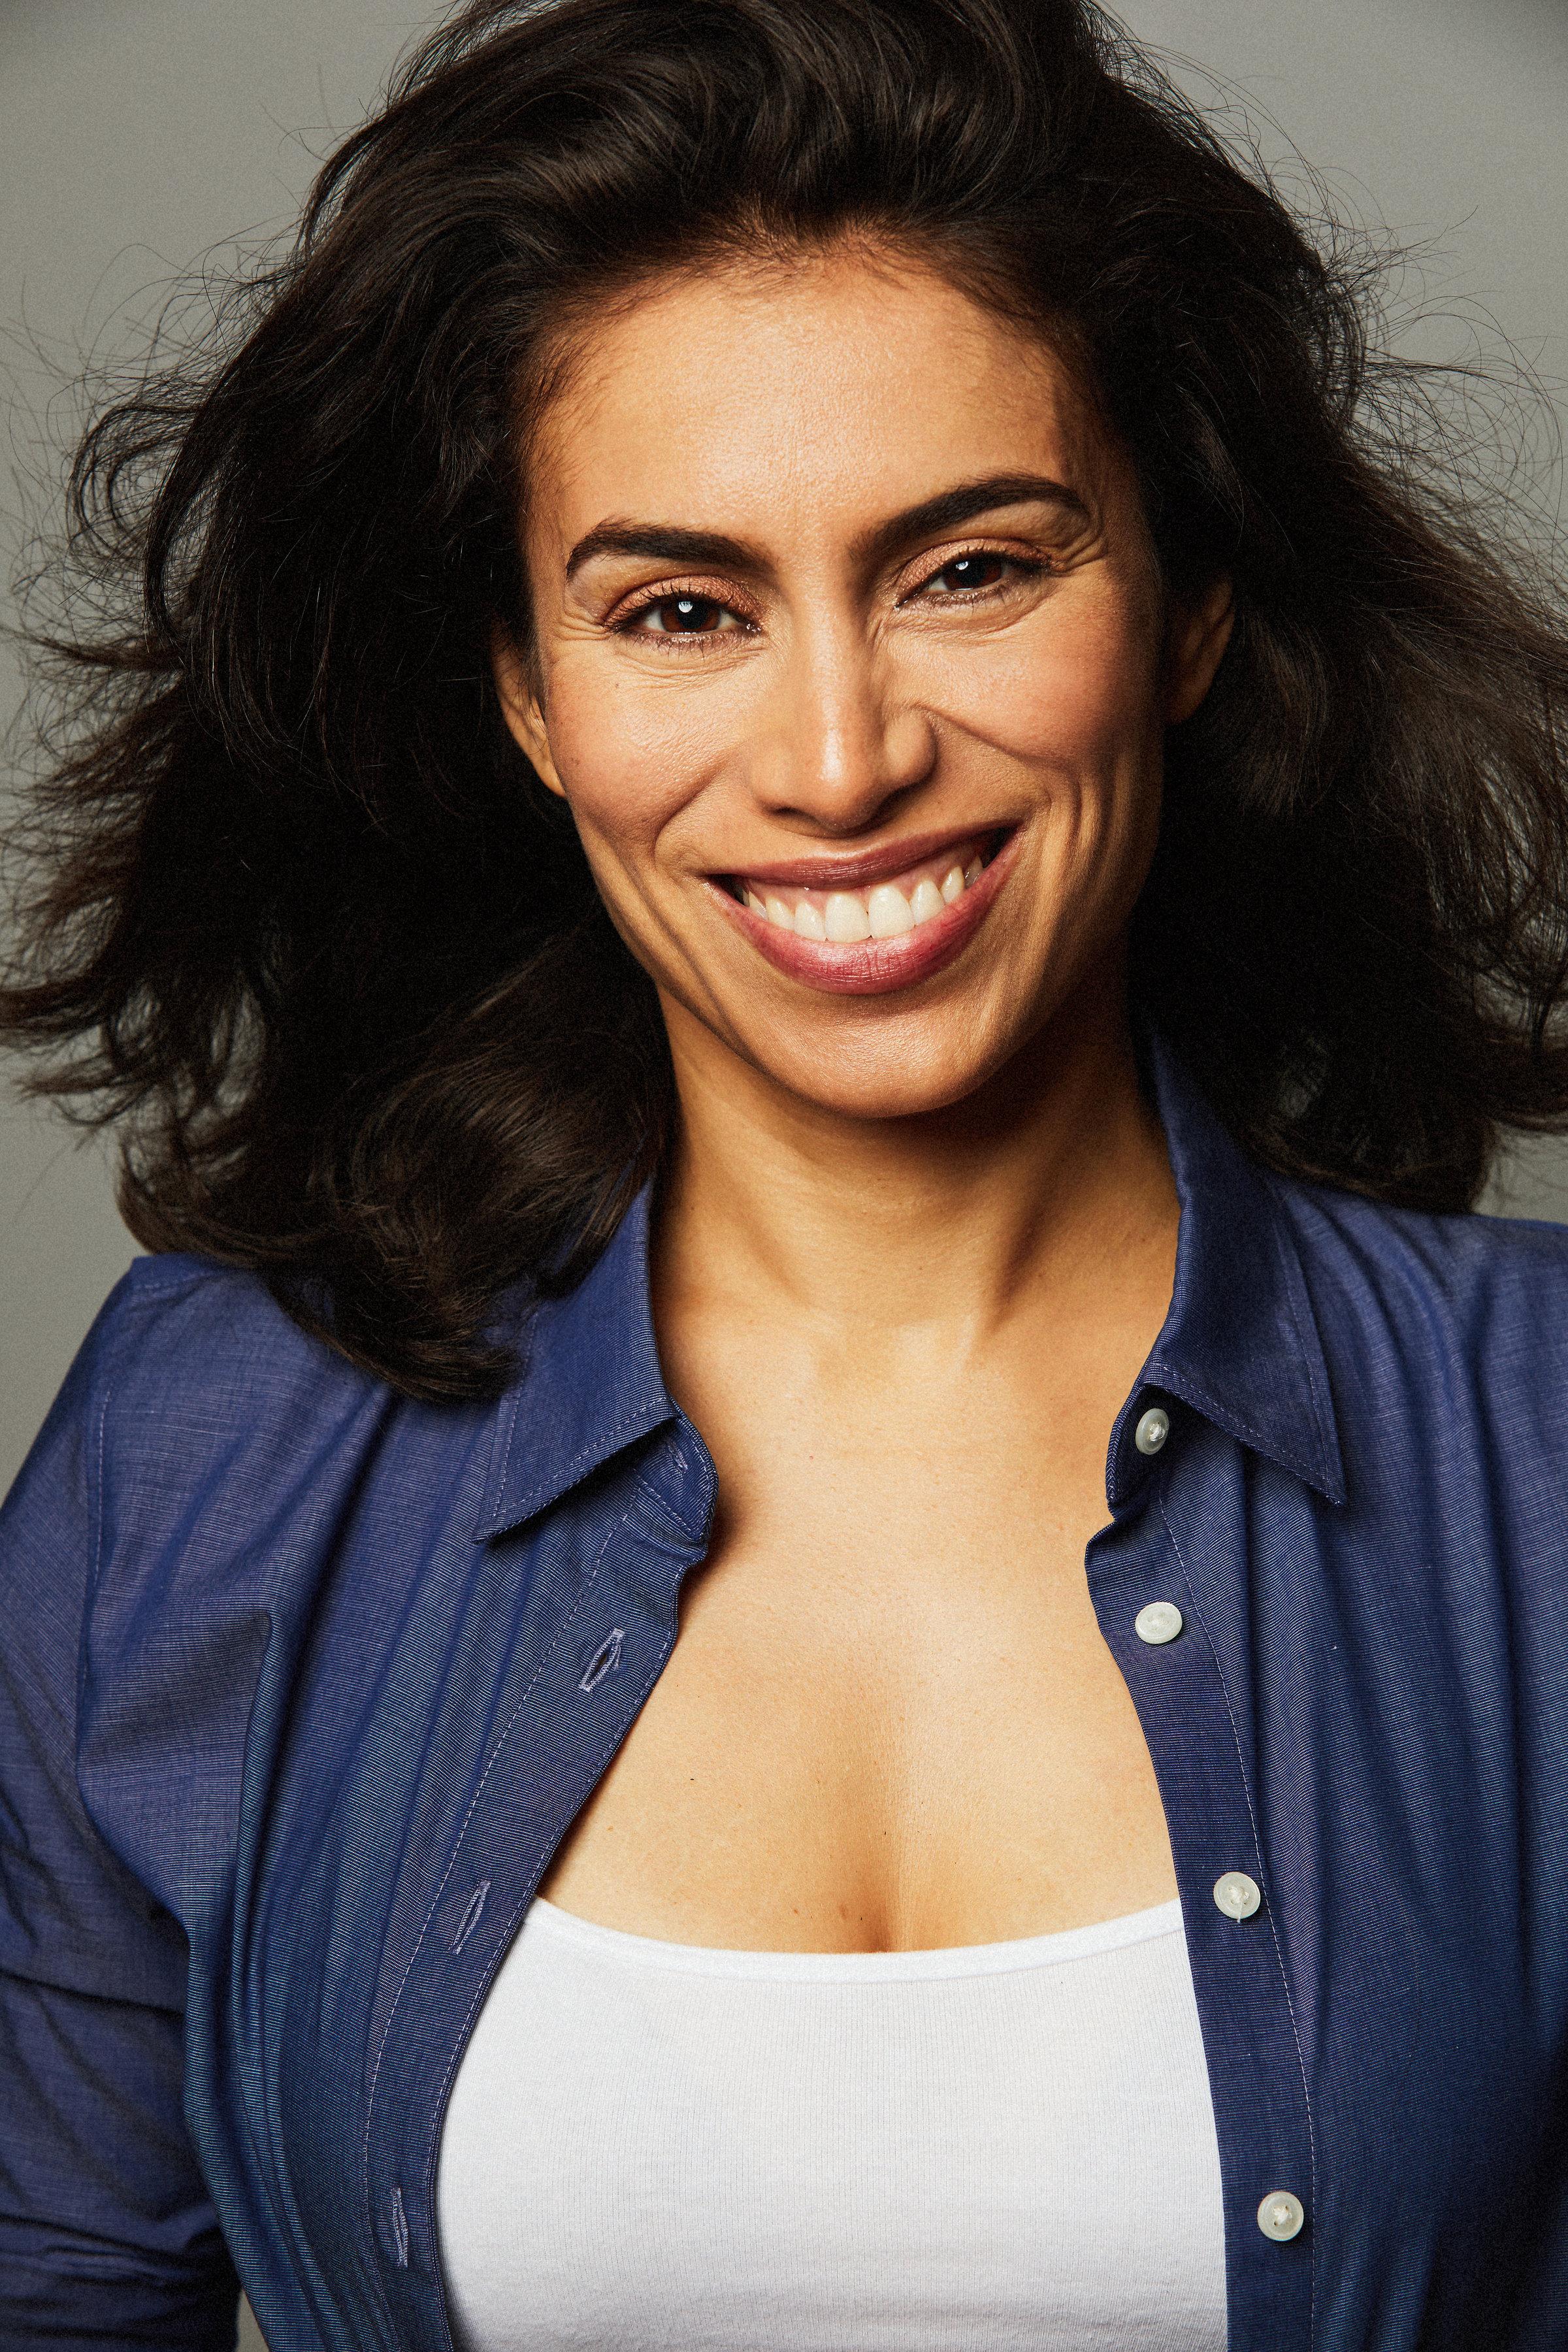 Nicole Cano